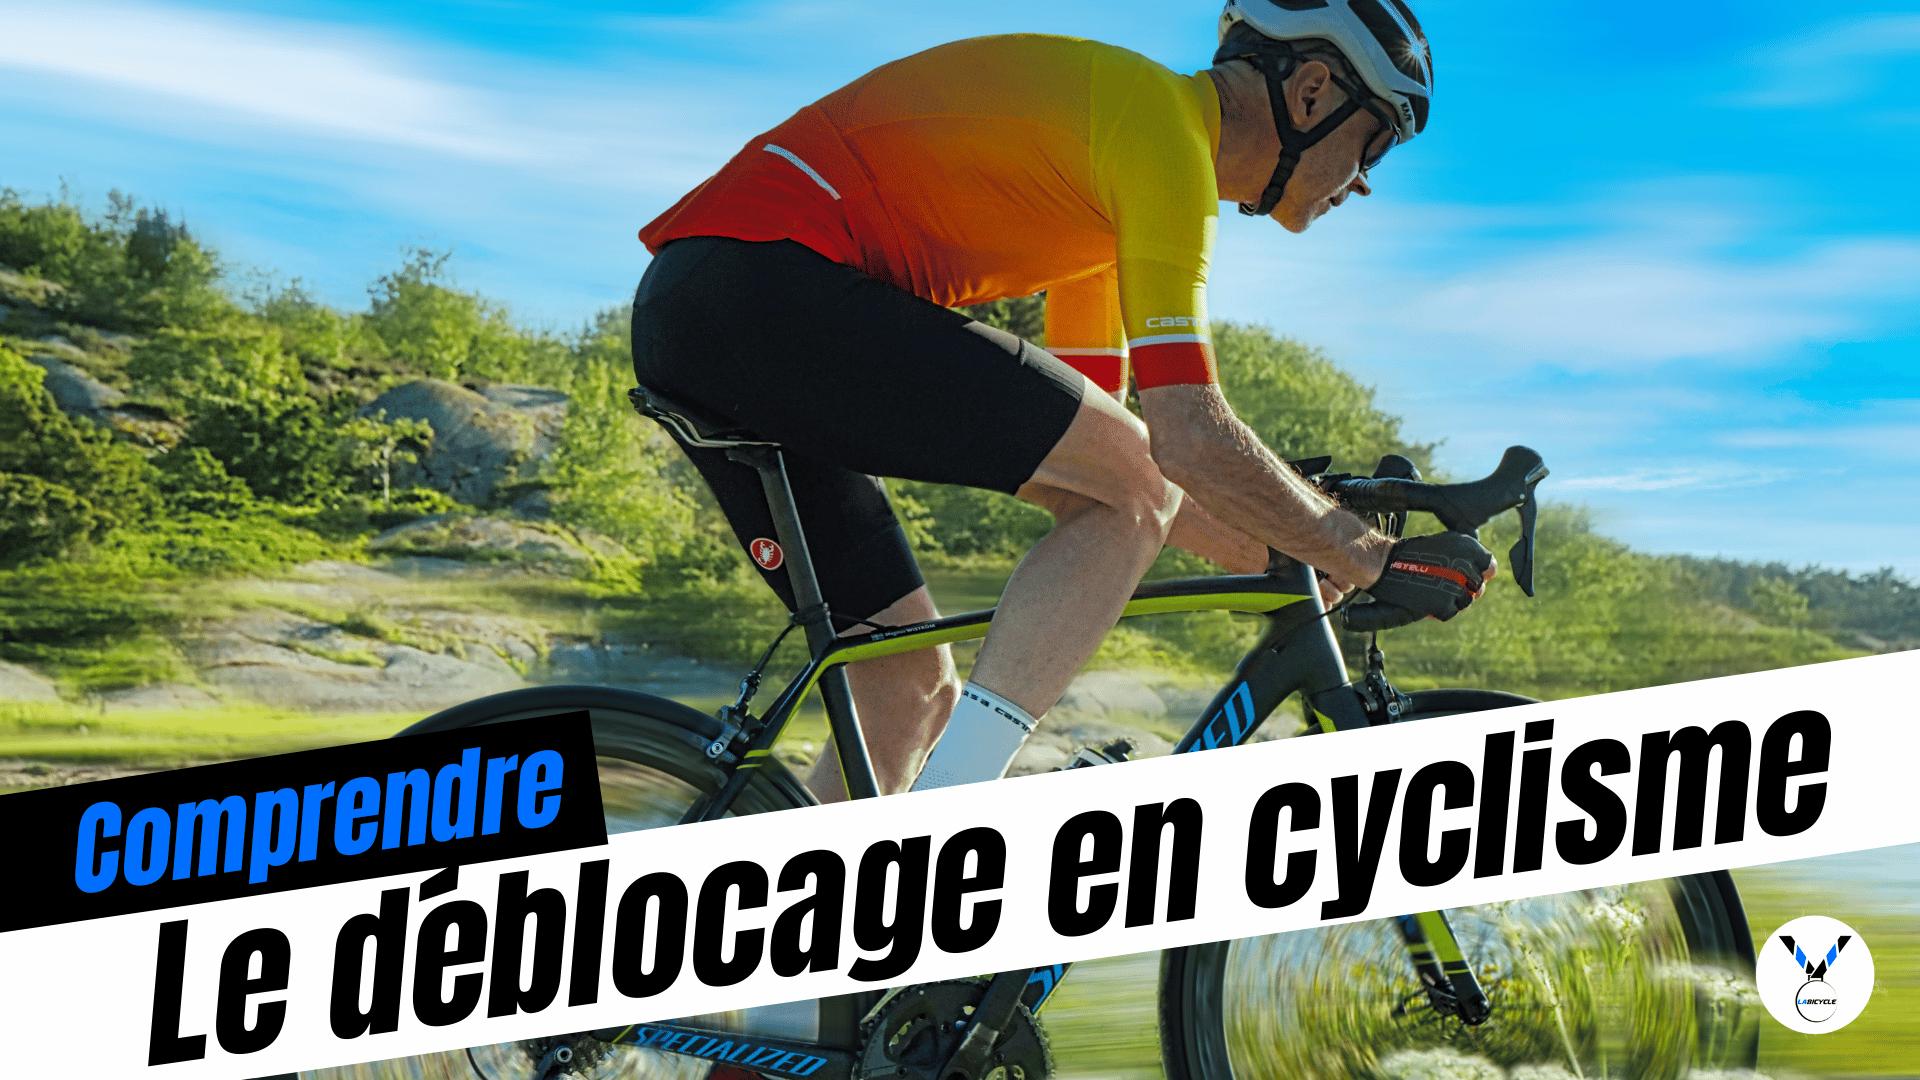 Comprendre le déblocage en cyclisme